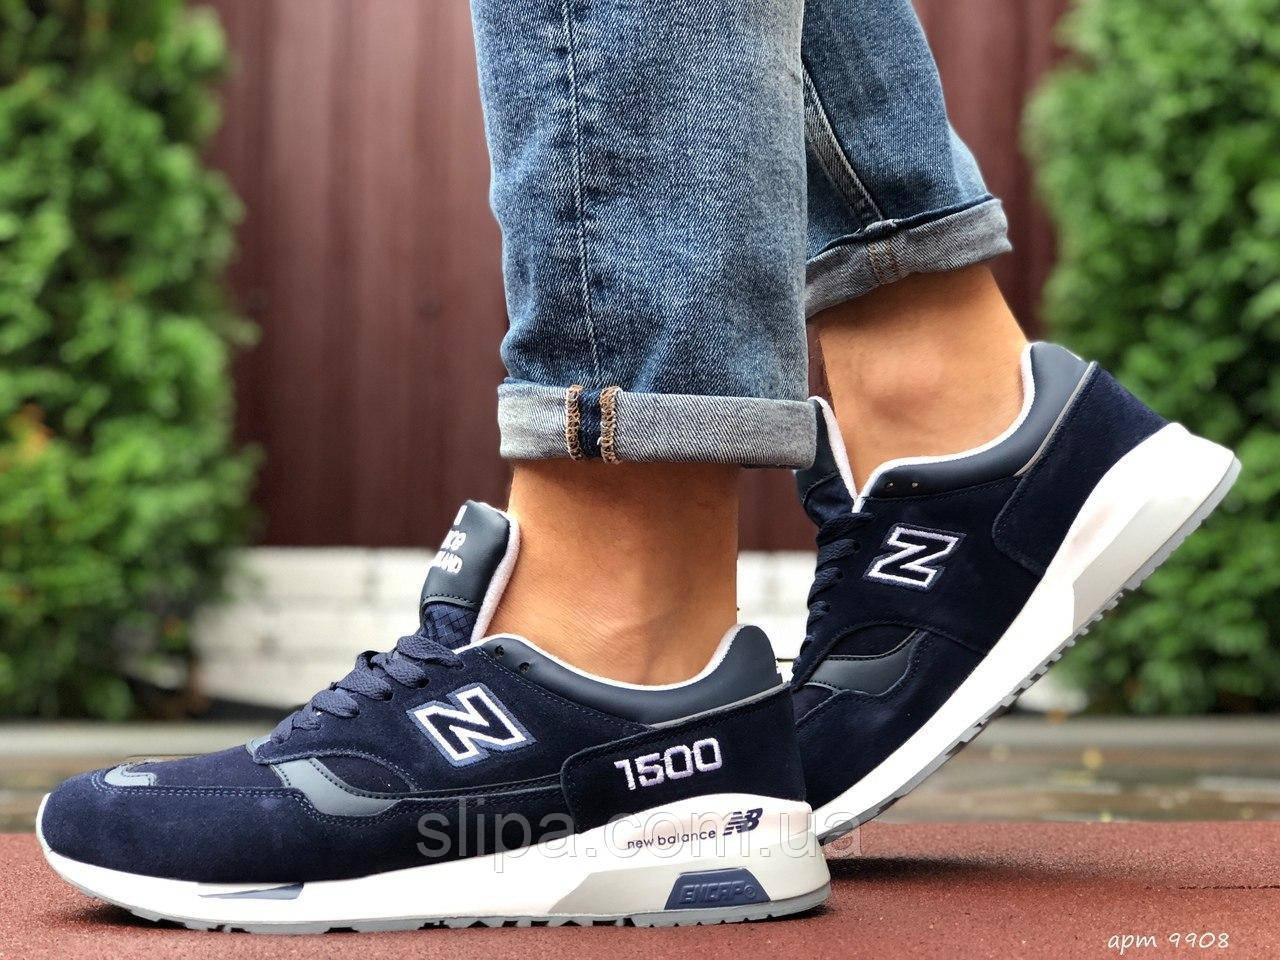 Мужские кожаные кроссовки New Balance 1500 тёмно синие на белой подошве